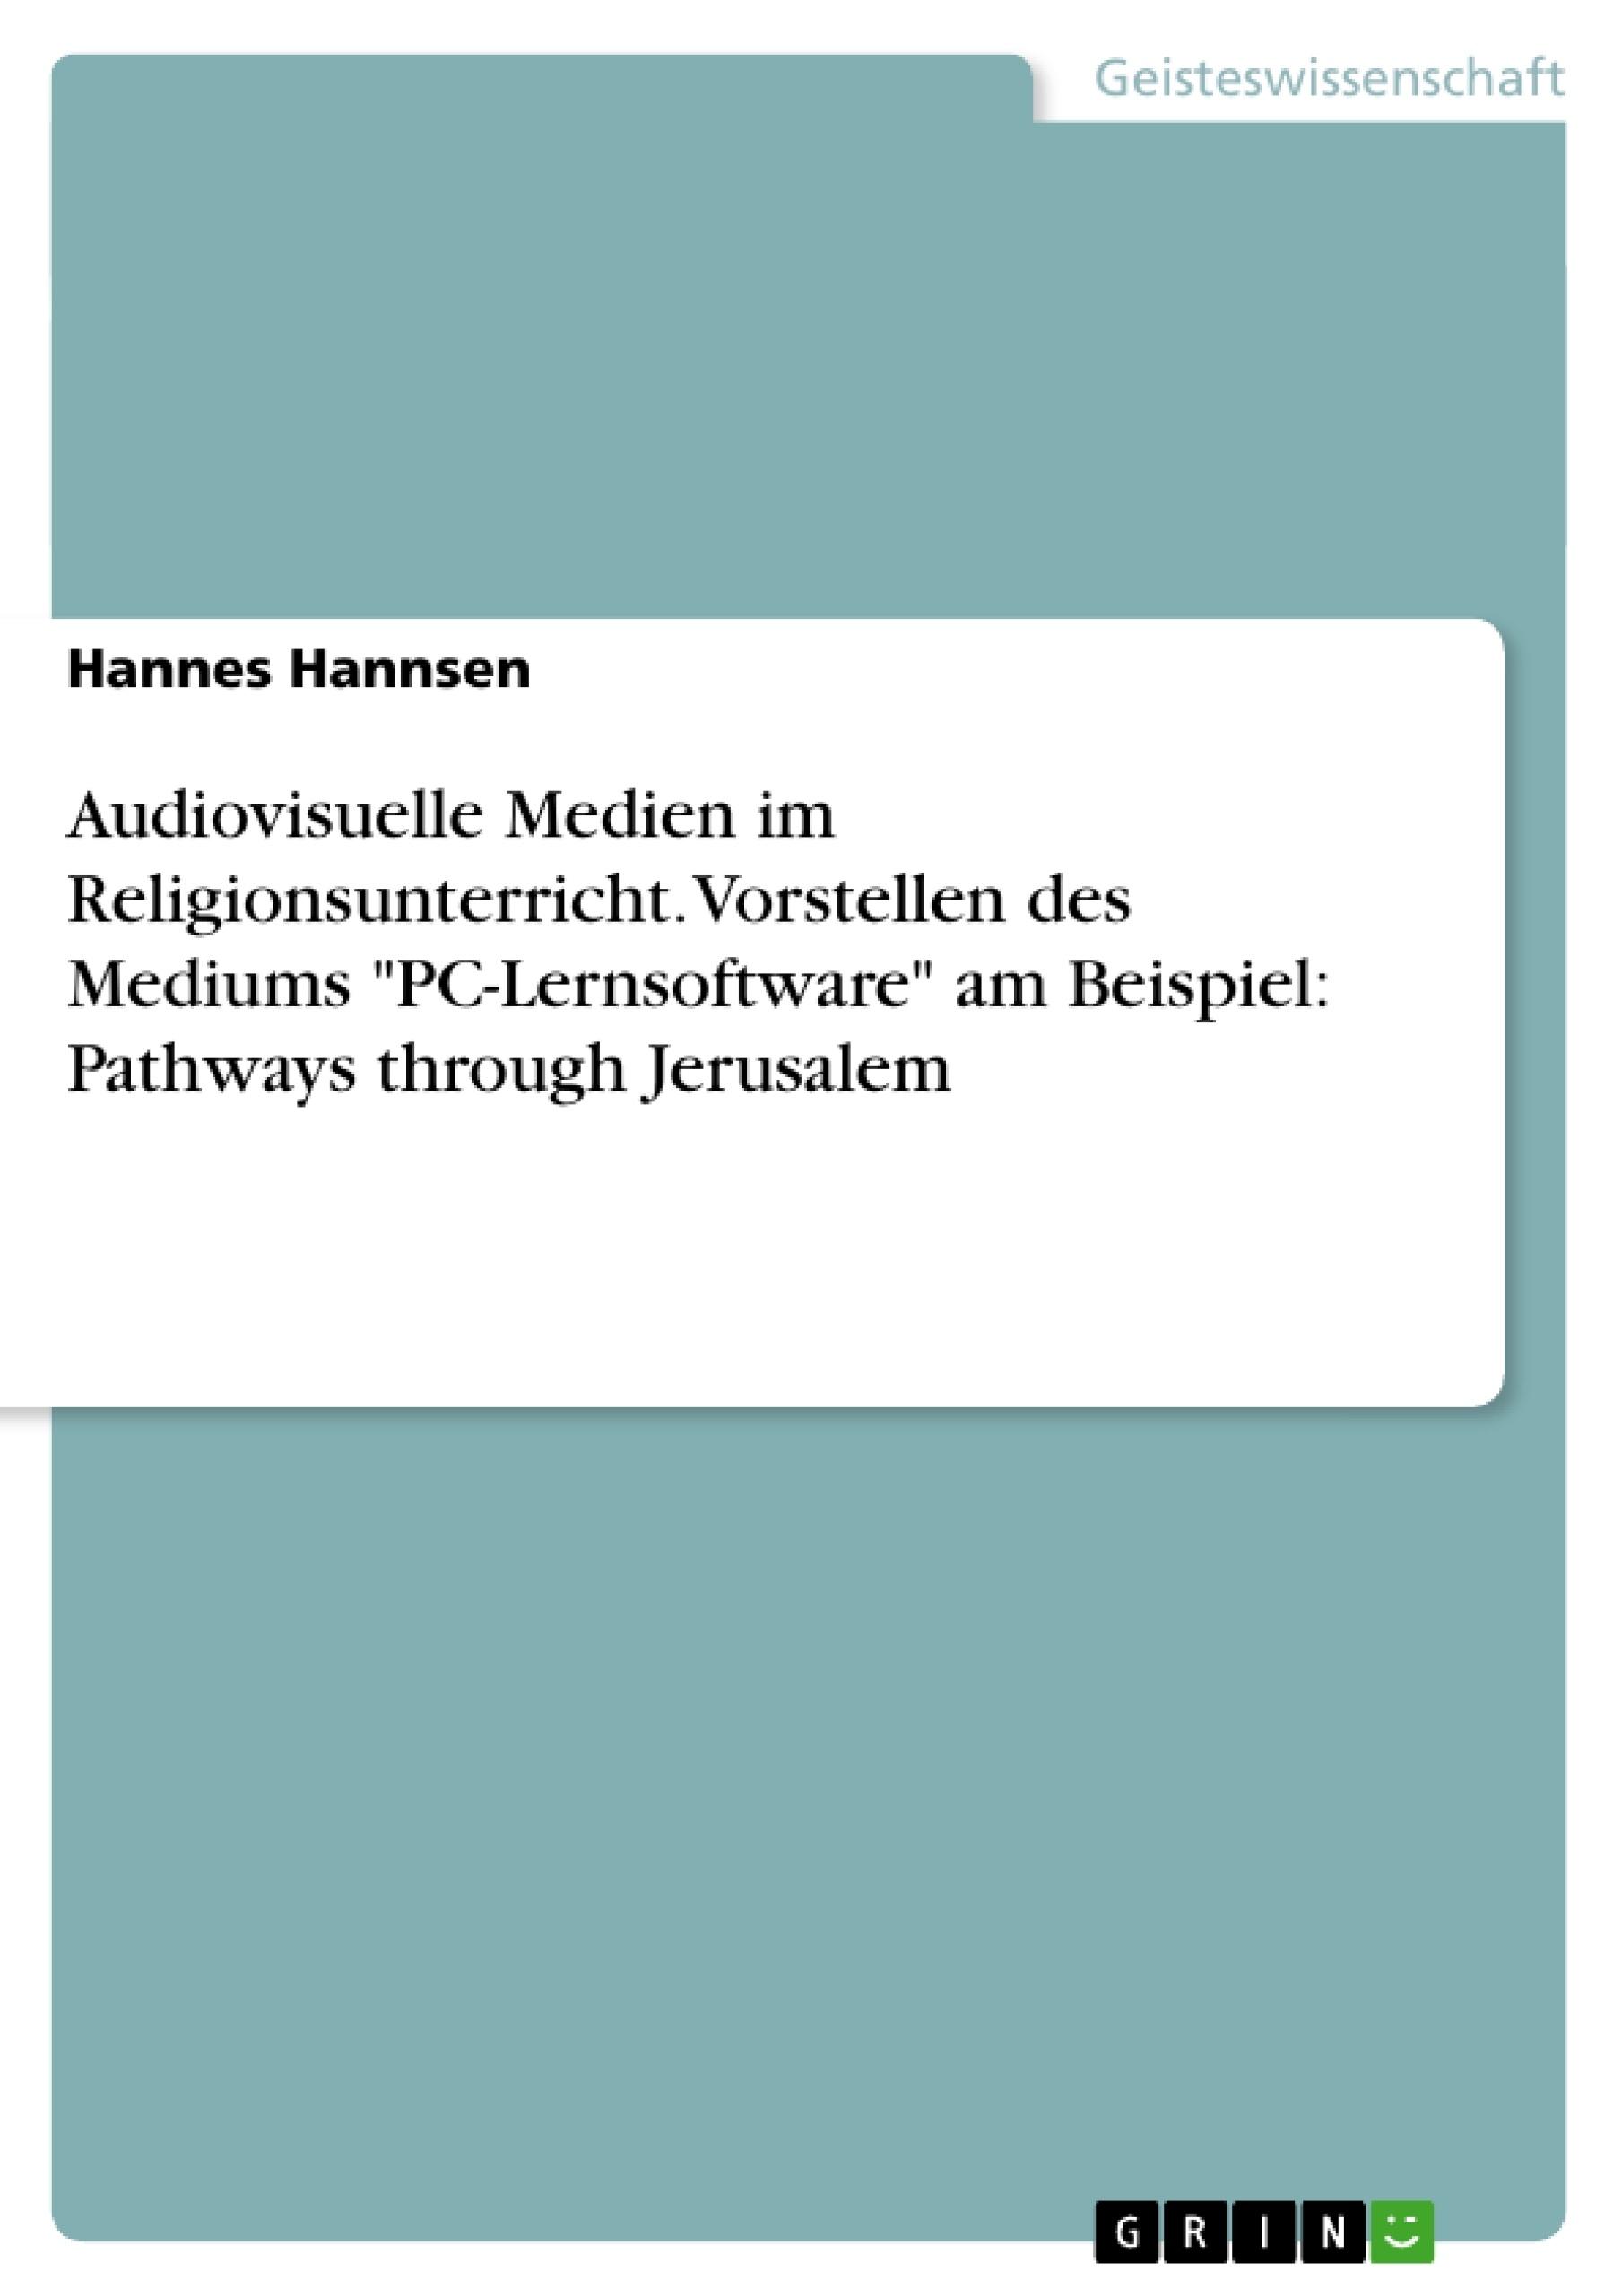 """Titel: Audiovisuelle Medien im Religionsunterricht. Vorstellen des Mediums """"PC-Lernsoftware"""" am Beispiel: Pathways through Jerusalem"""